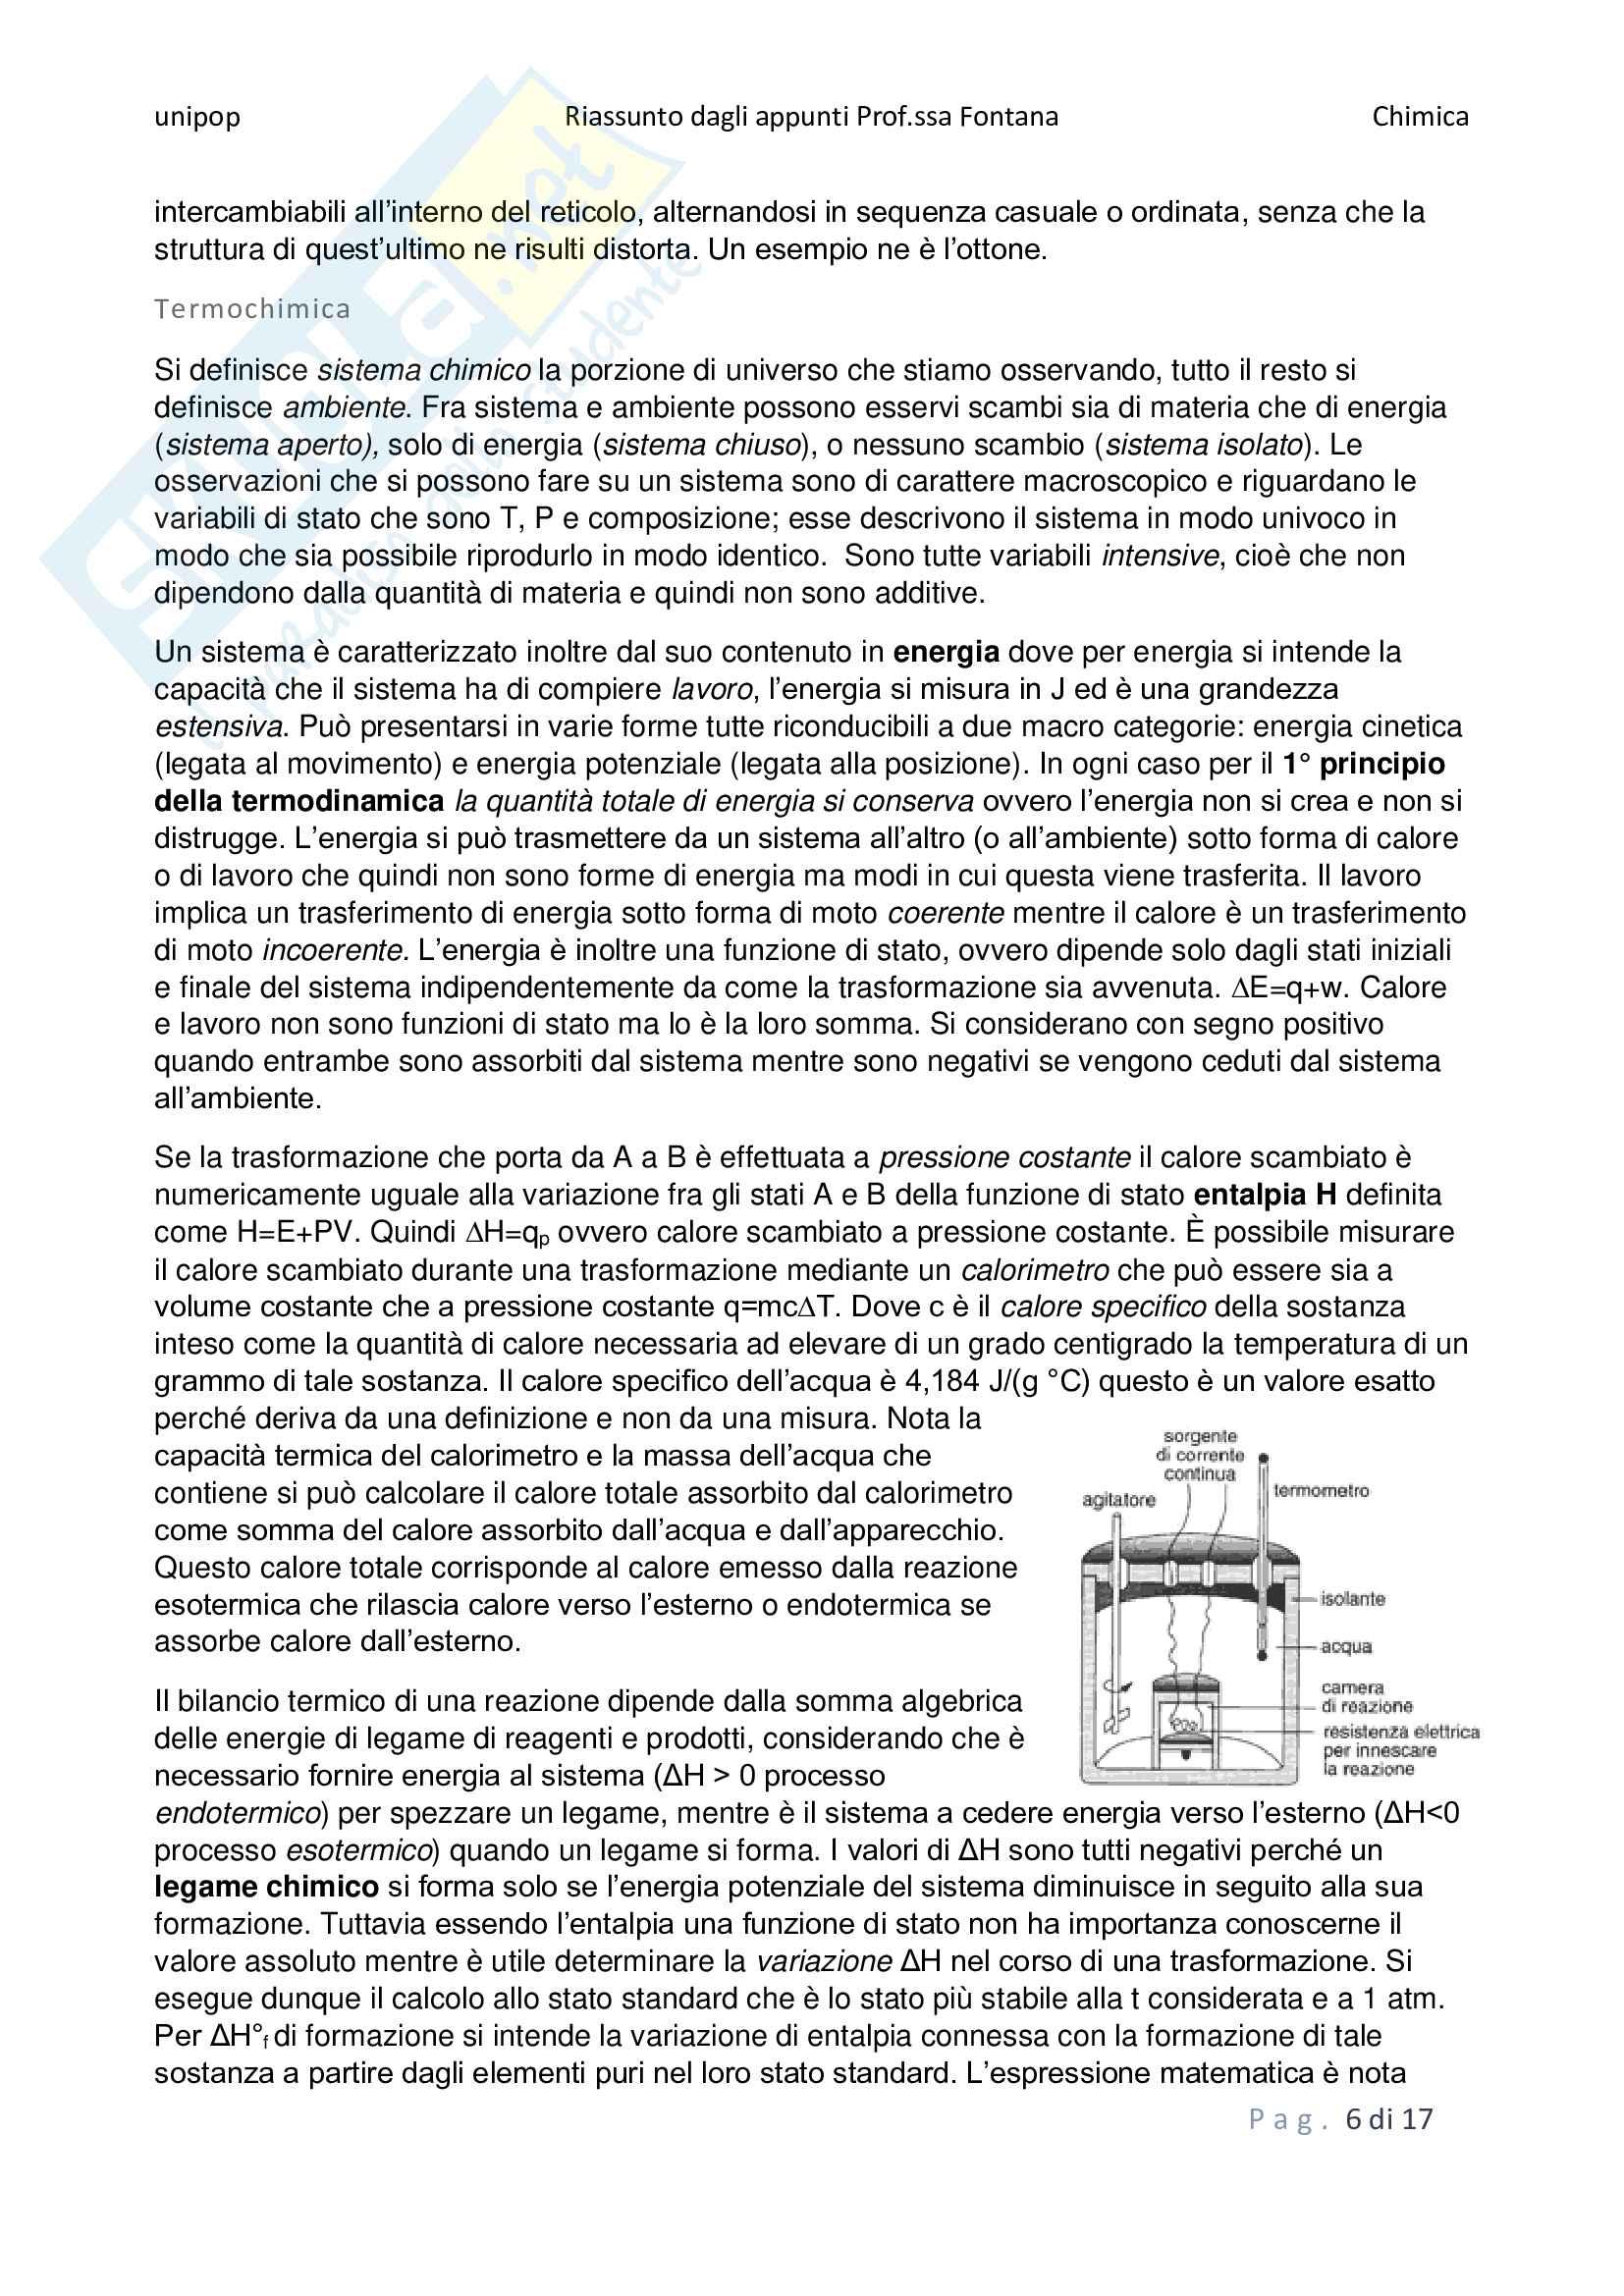 Chimica - riassunti della teoria Pag. 6